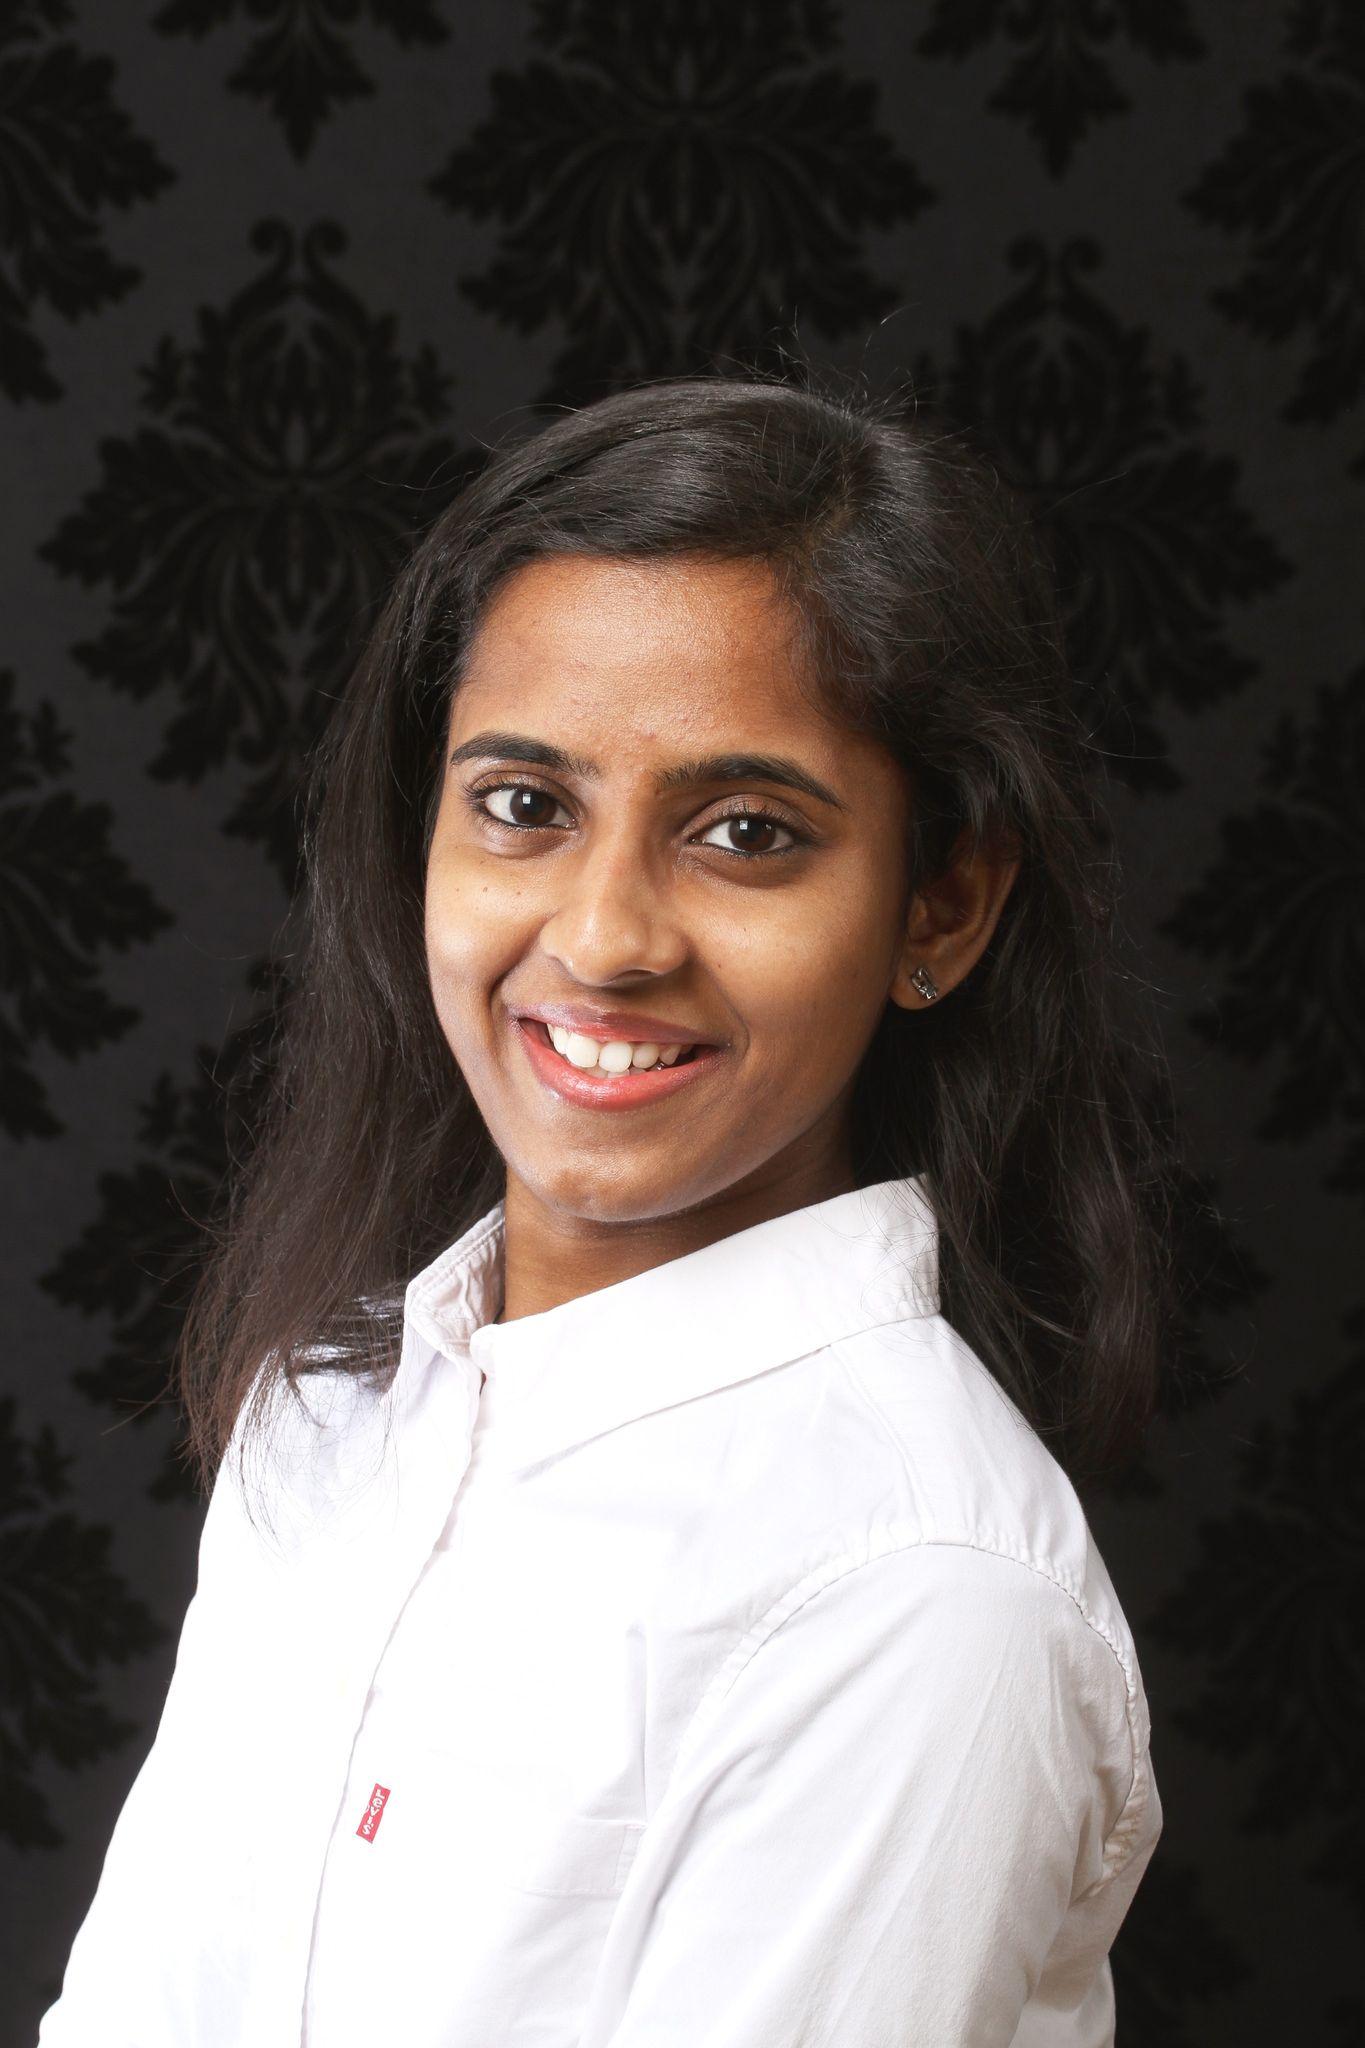 Thivya Viswanathan